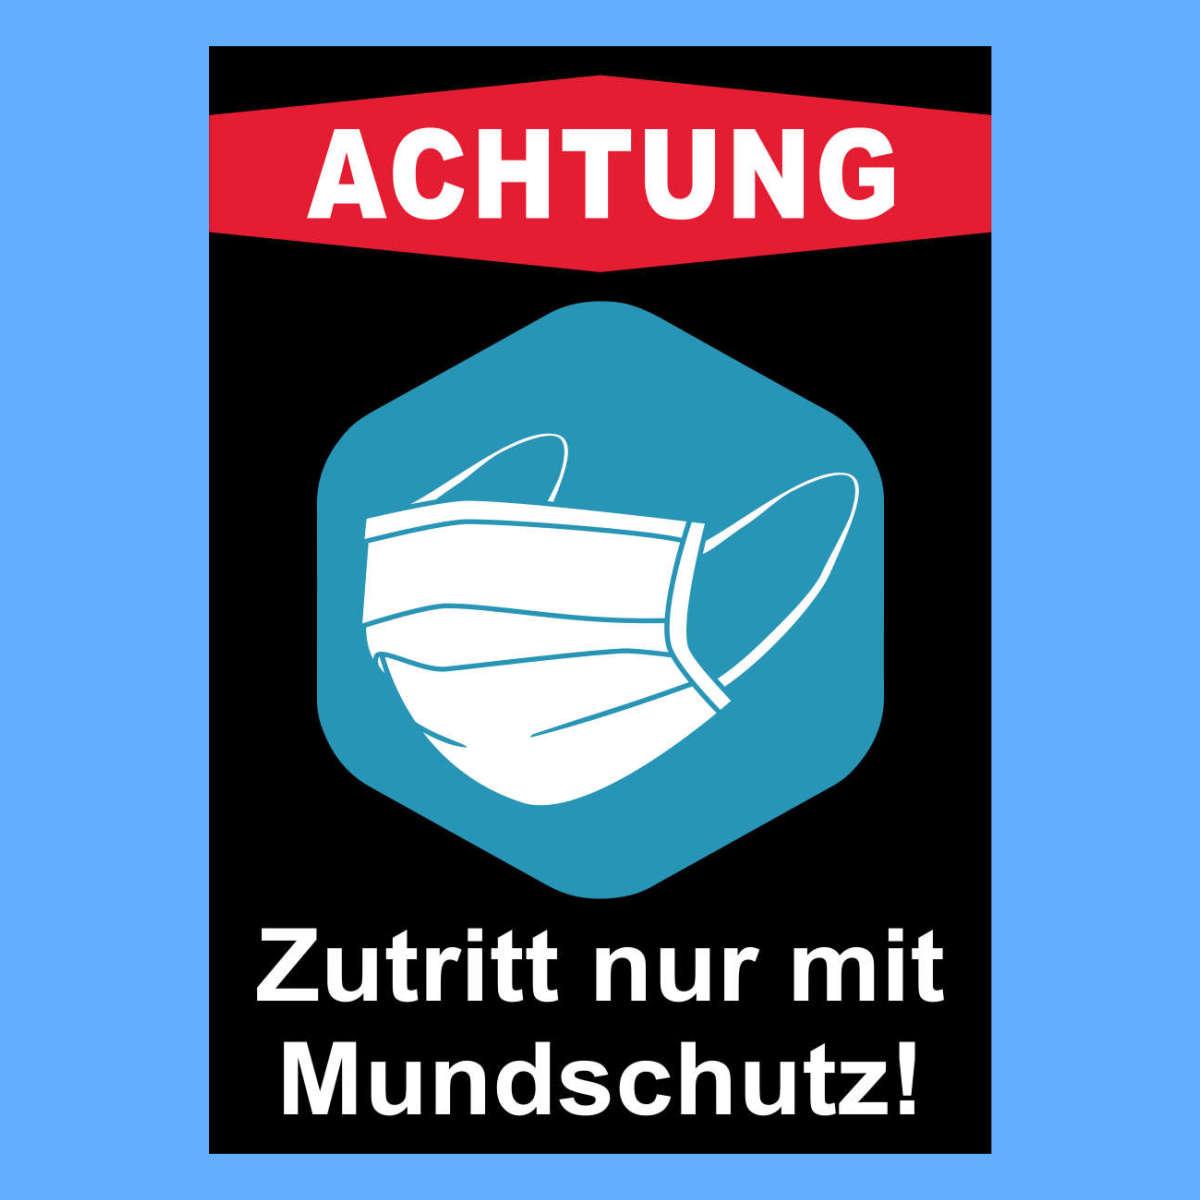 Mundschutz